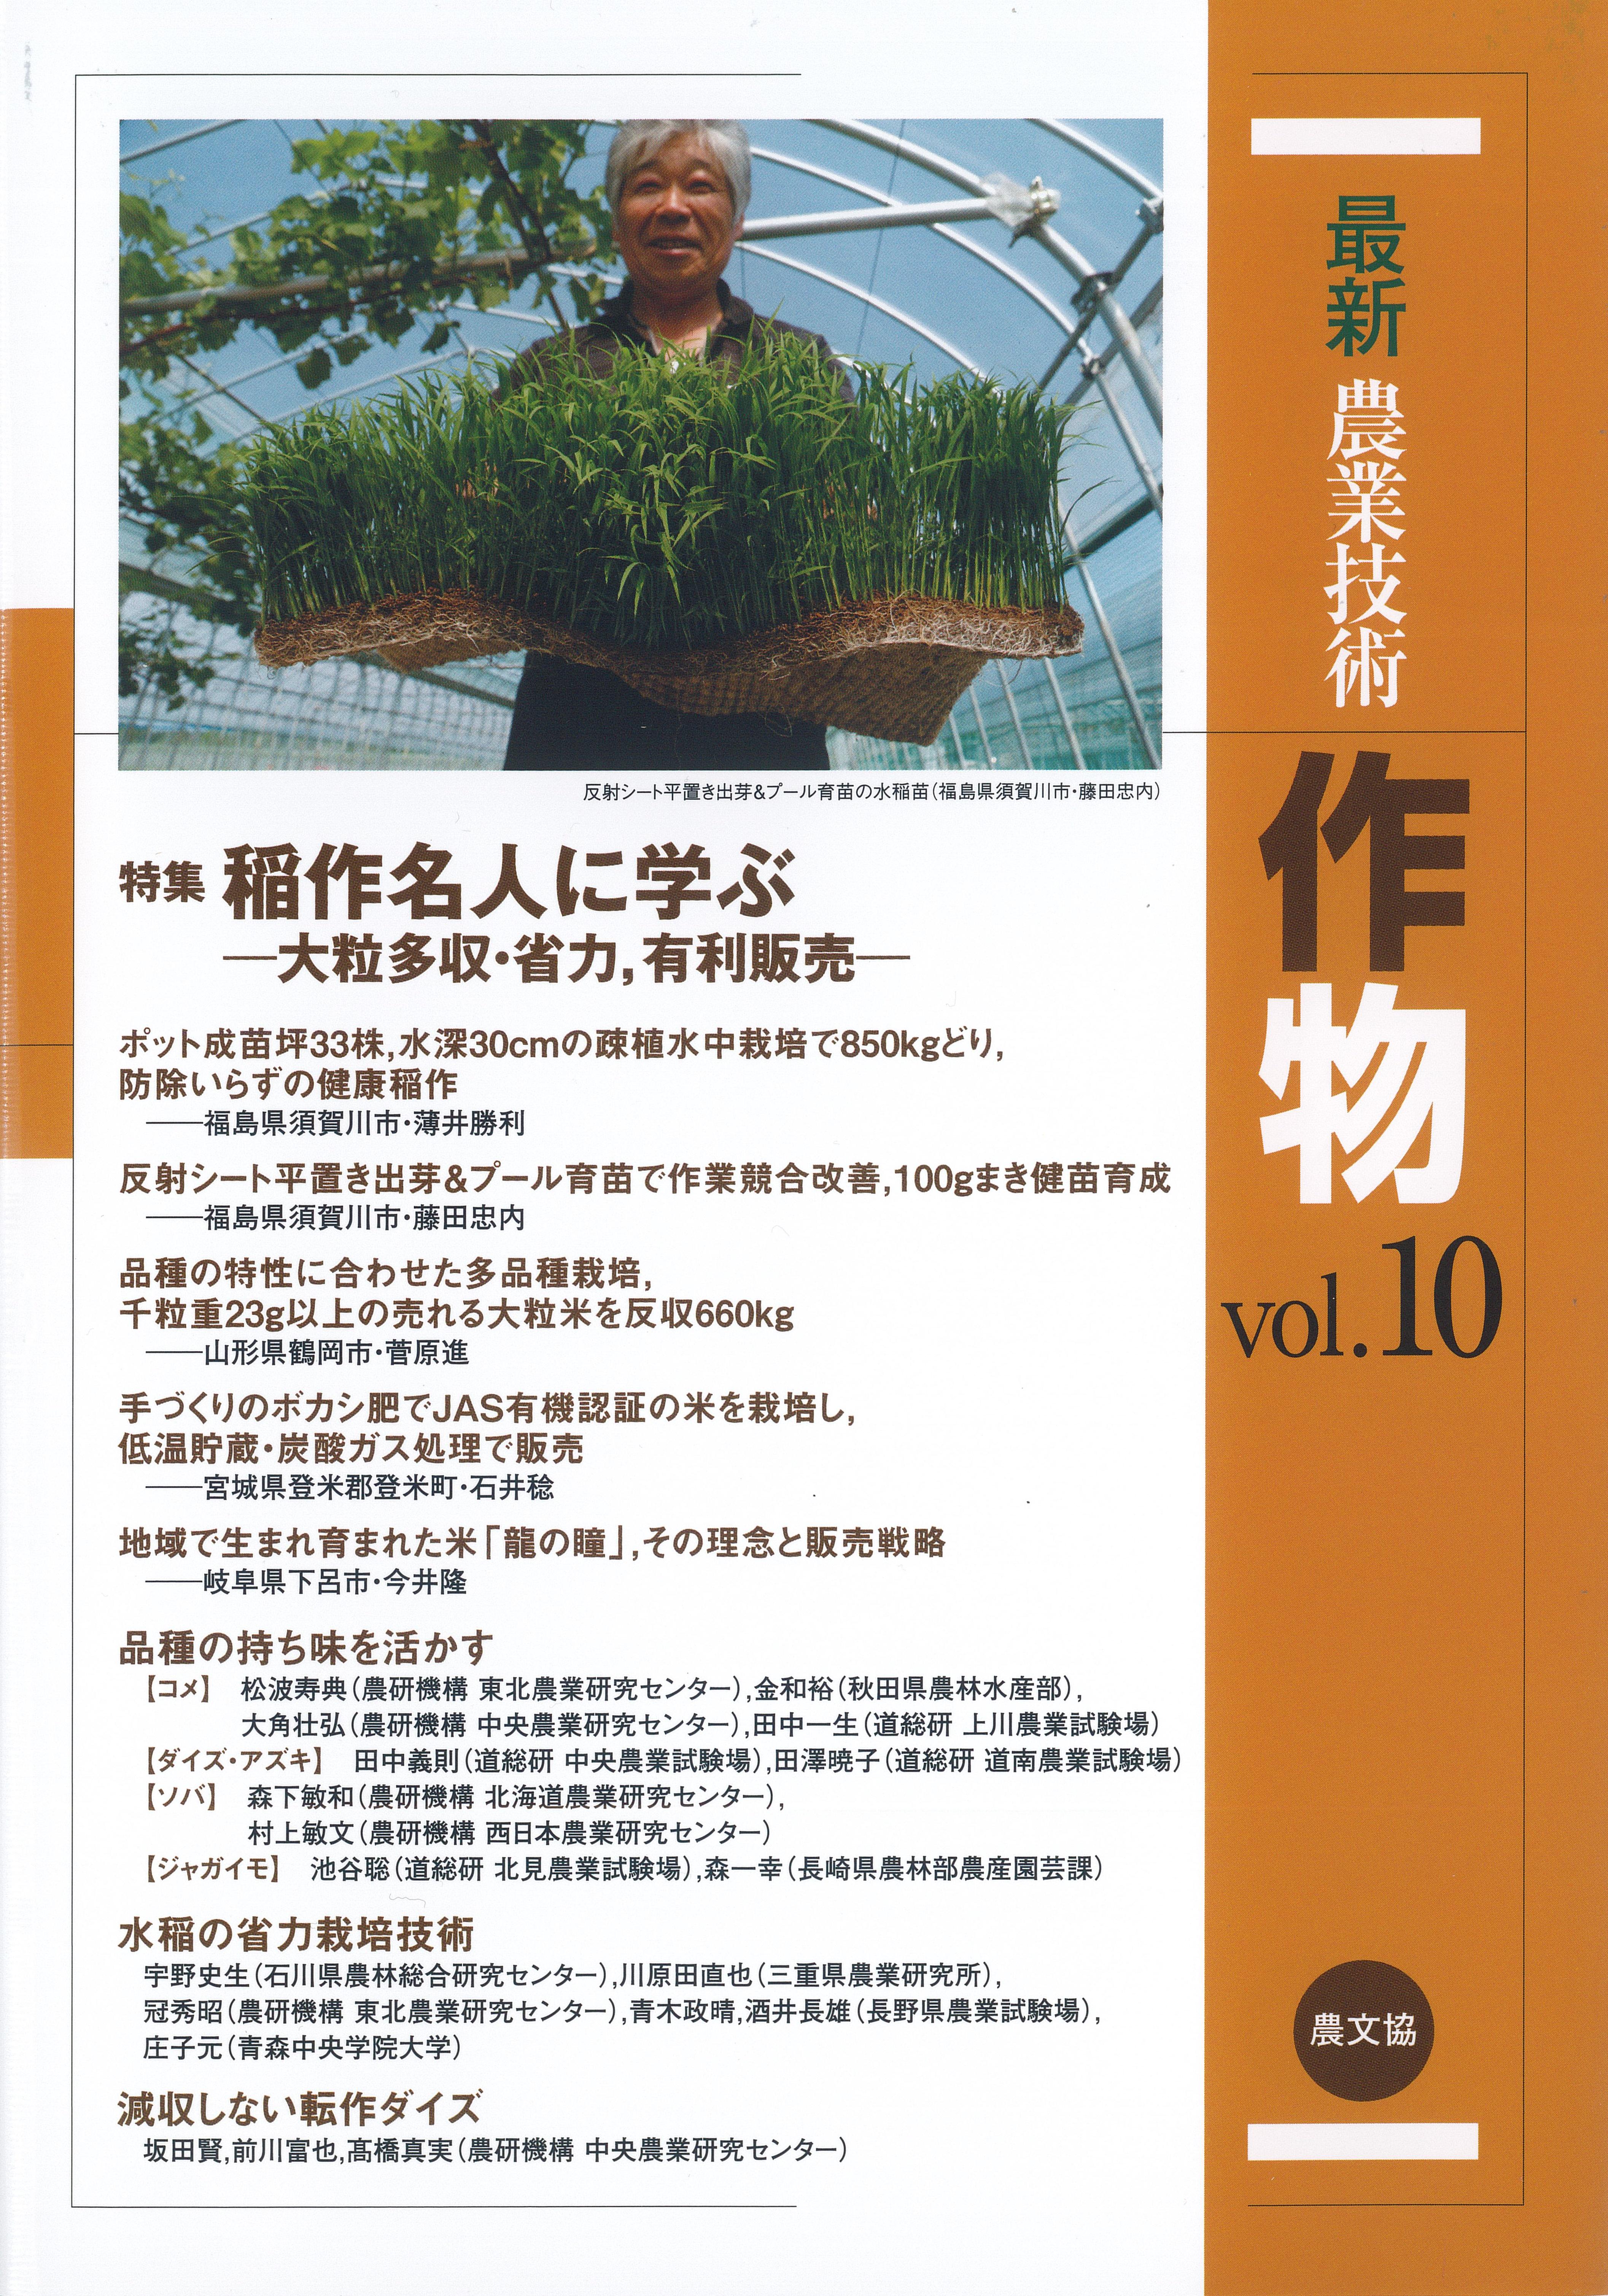 作物vol.10-top